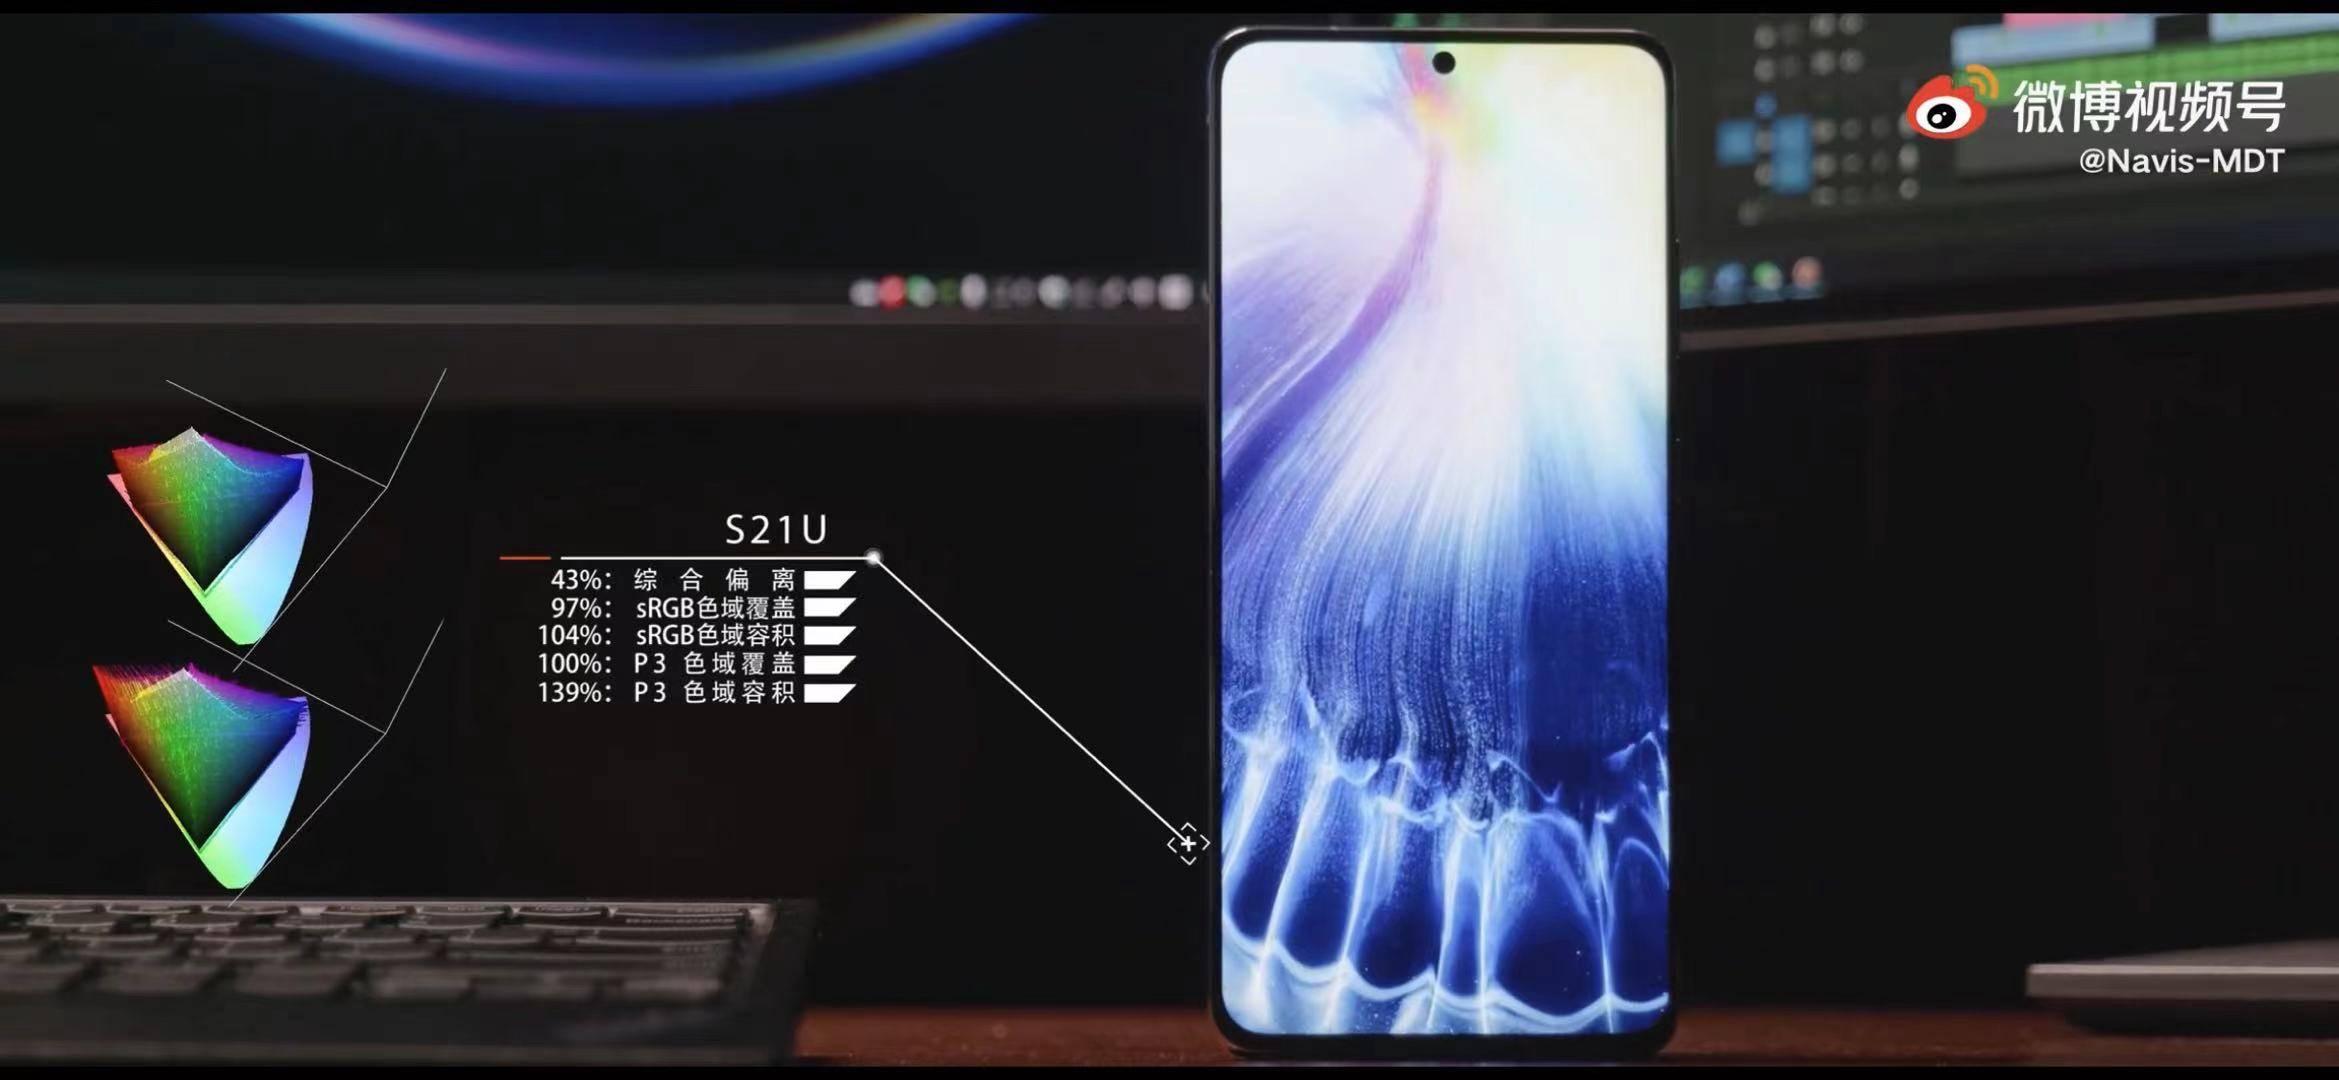 终于弄明白,为何同样是OLED屏幕,大家都说三星看起来更好